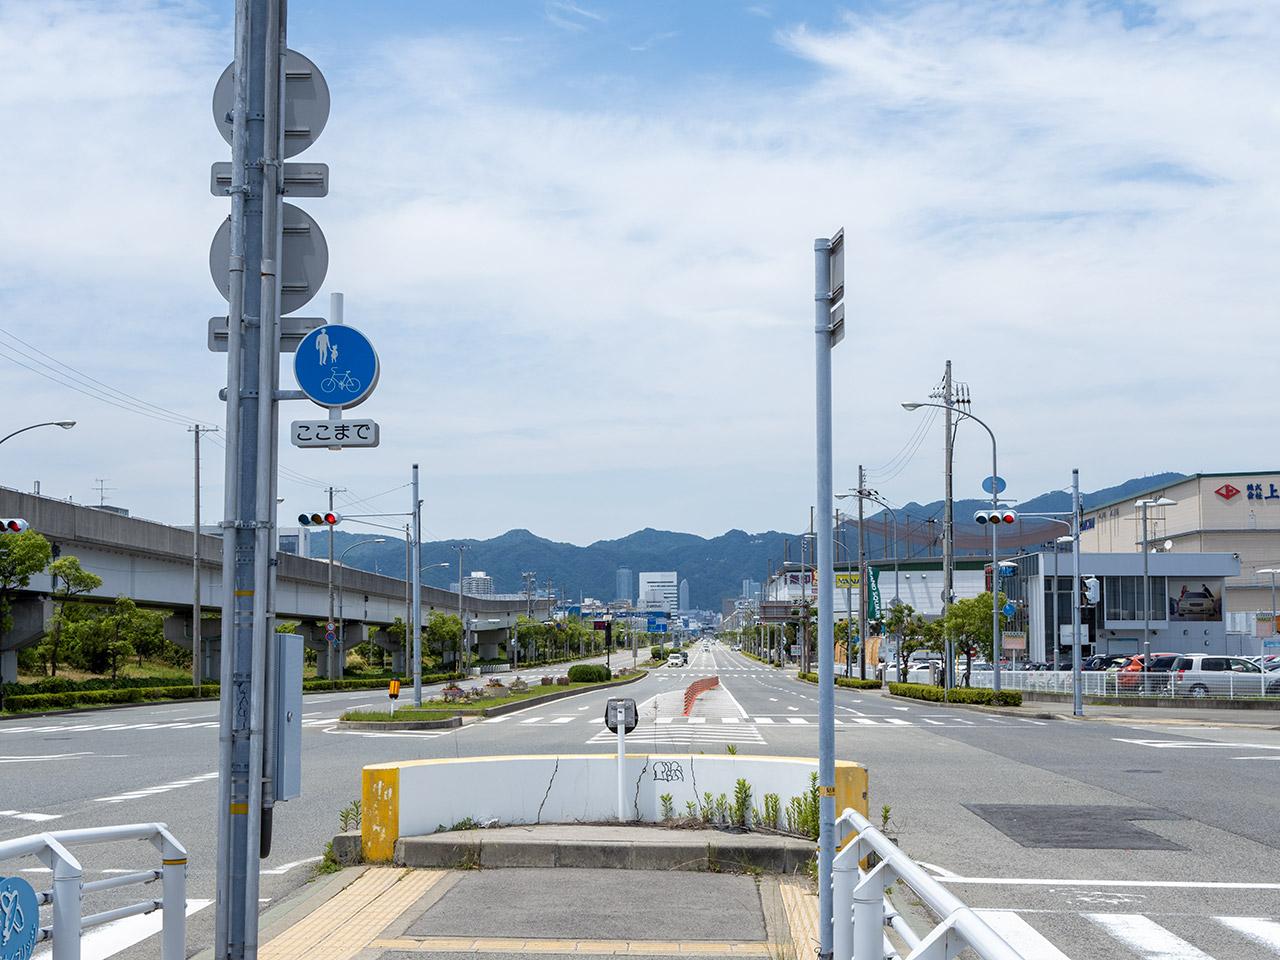 神戸スカイブリッジ 2021